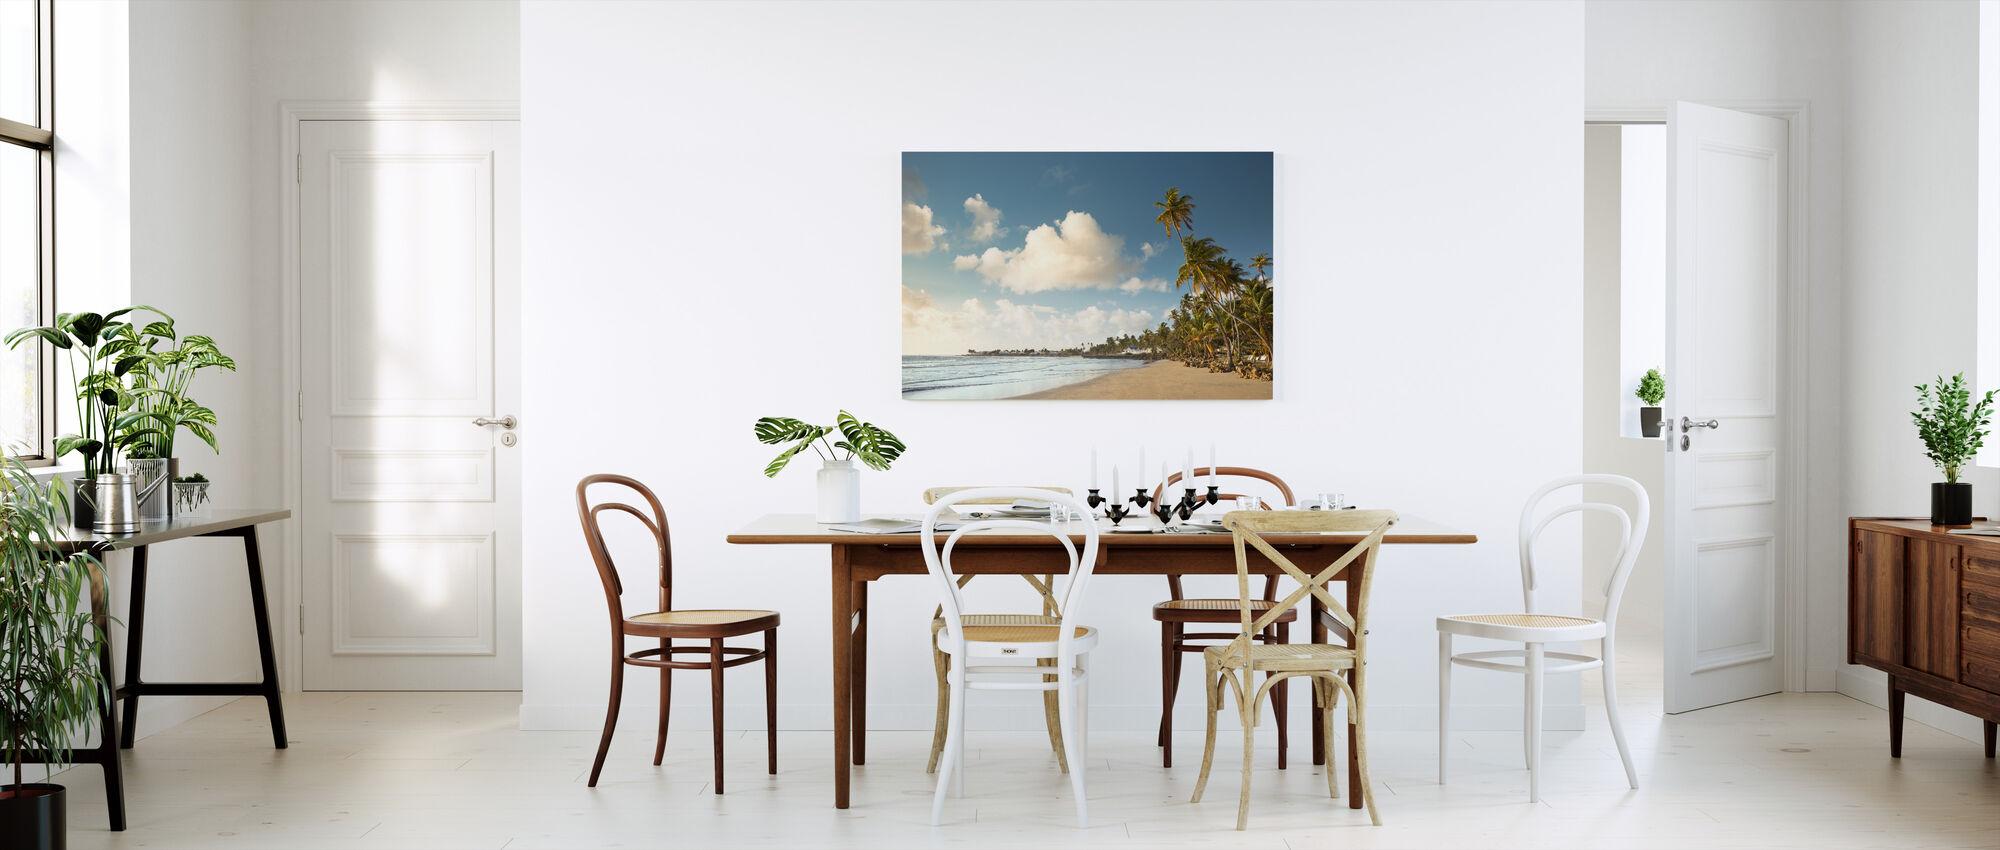 Trinidad och Tobago - Canvastavla - Kök